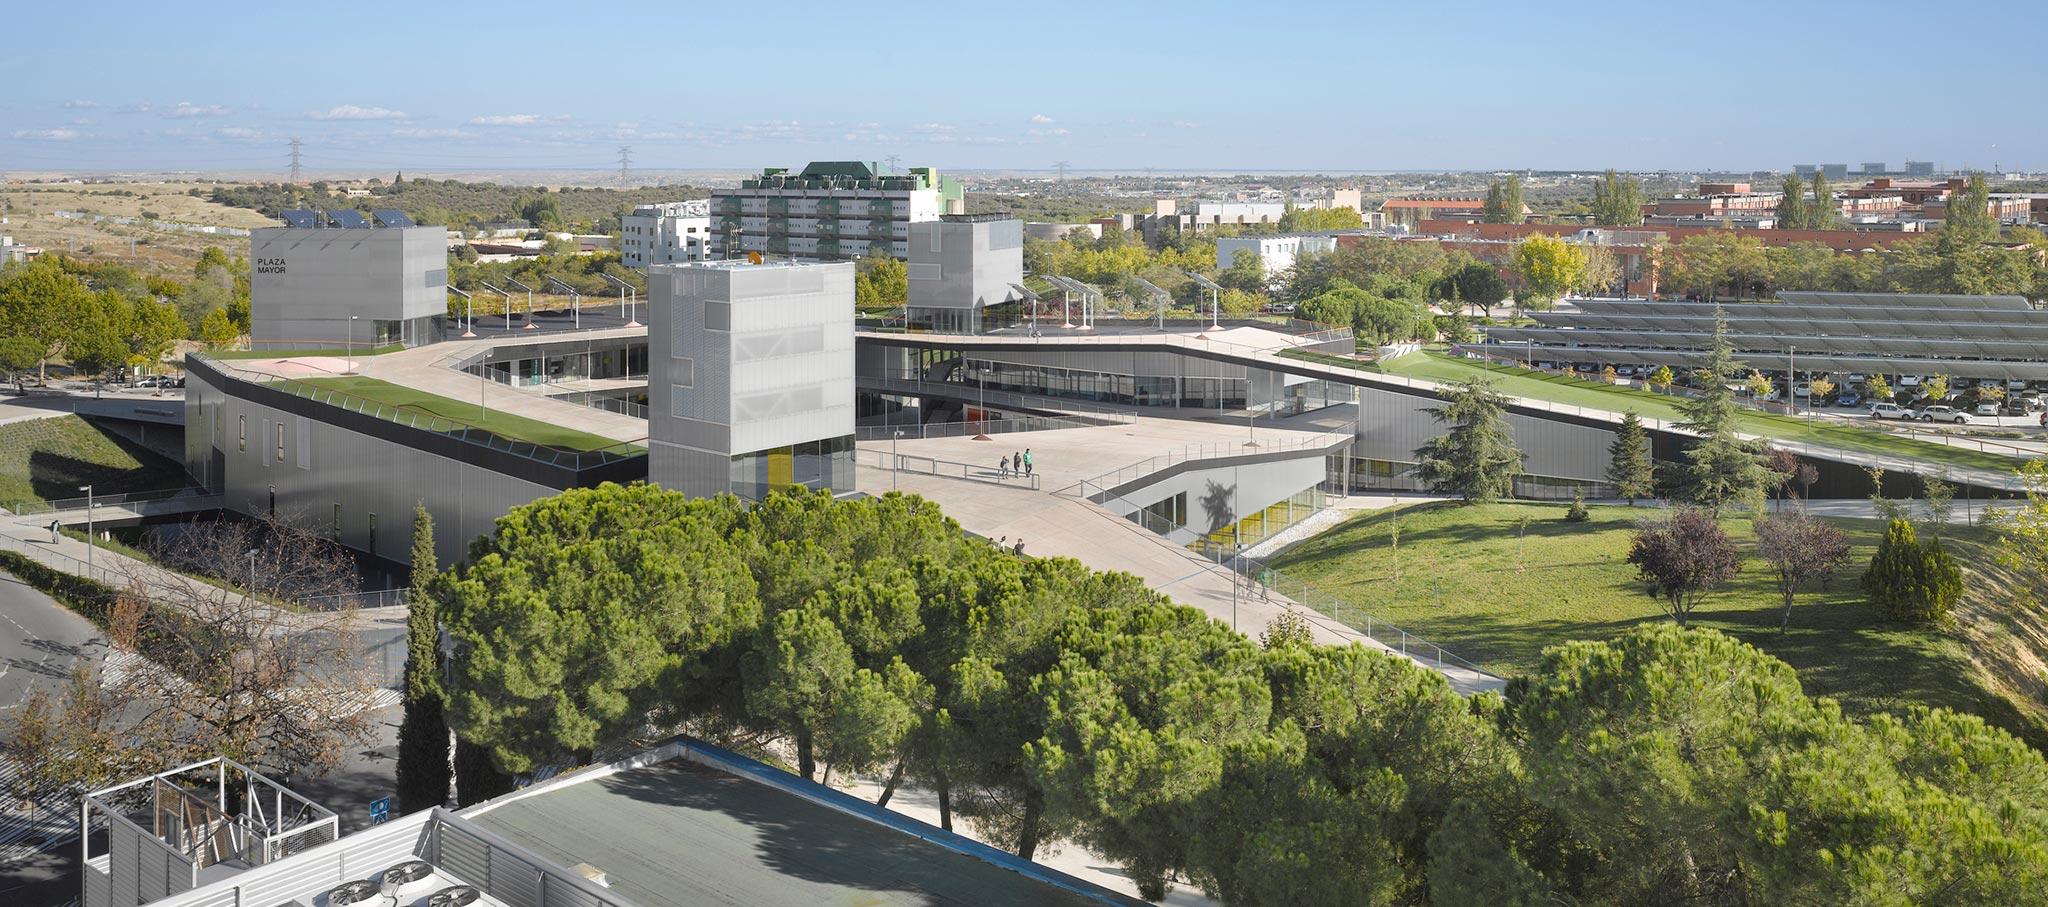 Edificio de Servicios Plaza Mayor por MTM Arquitectos. Fotografía © Roland Halbe